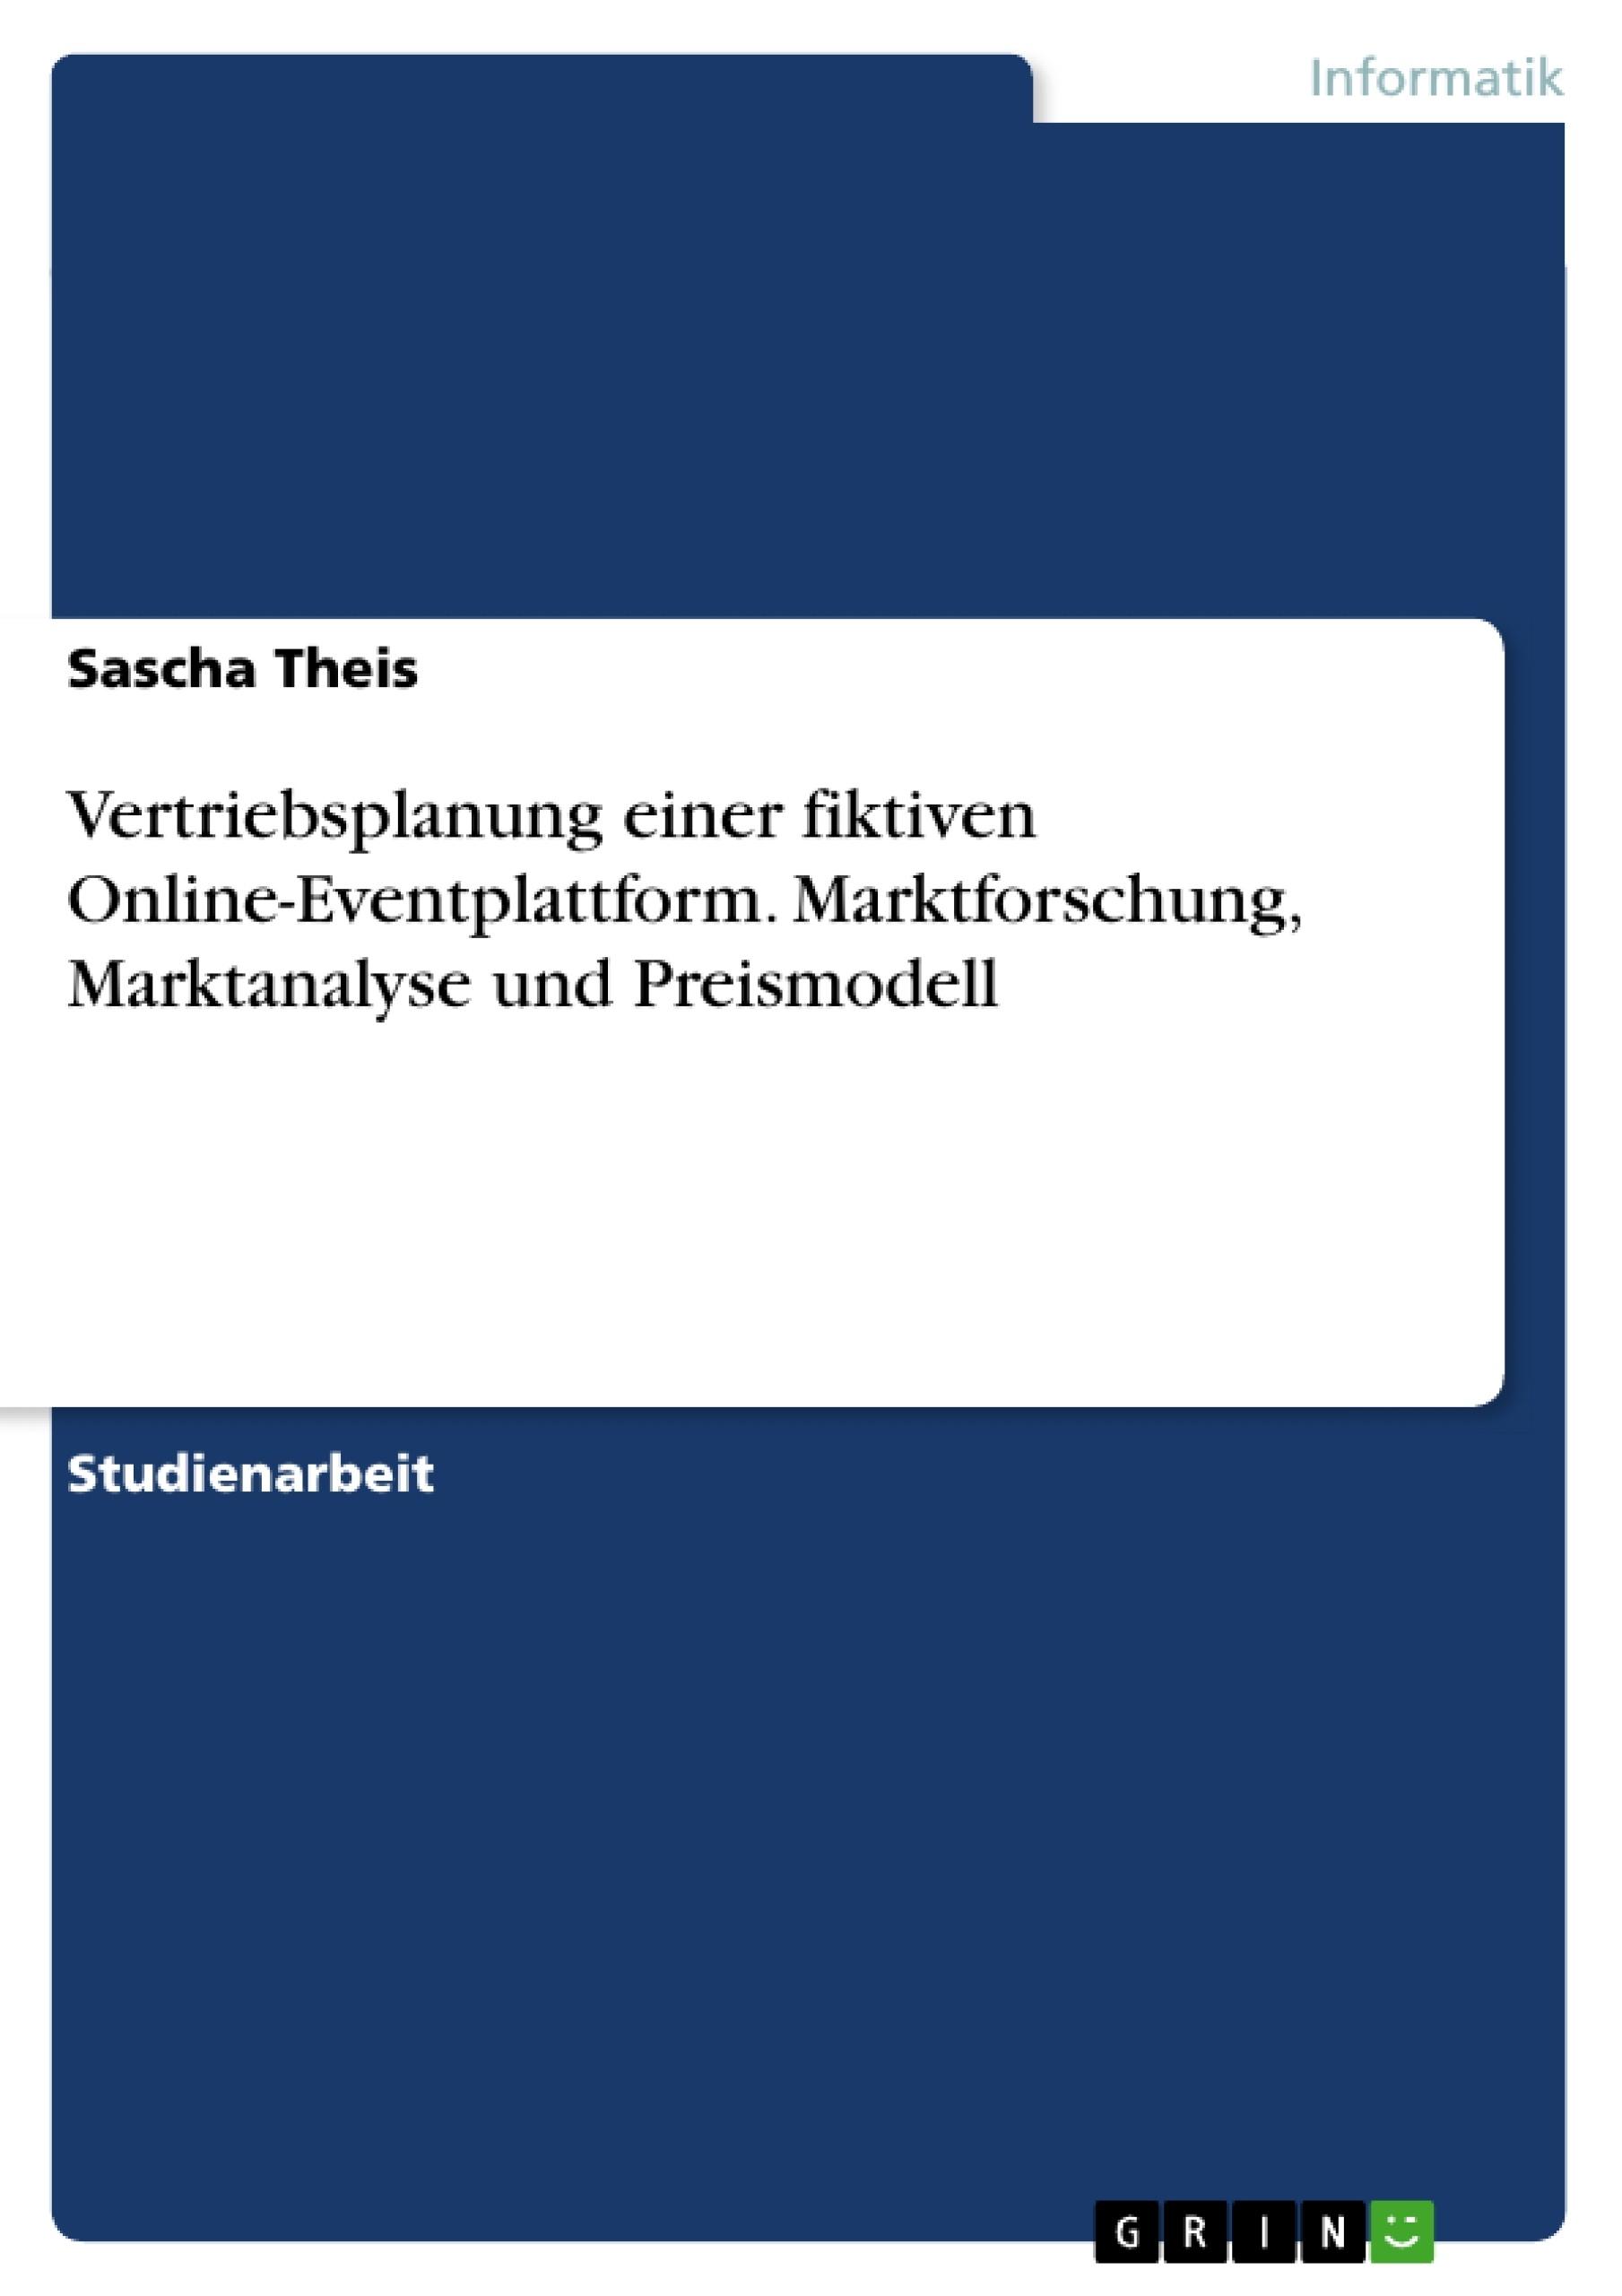 Titel: Vertriebsplanung einer fiktiven Online-Eventplattform. Marktforschung, Marktanalyse und Preismodell